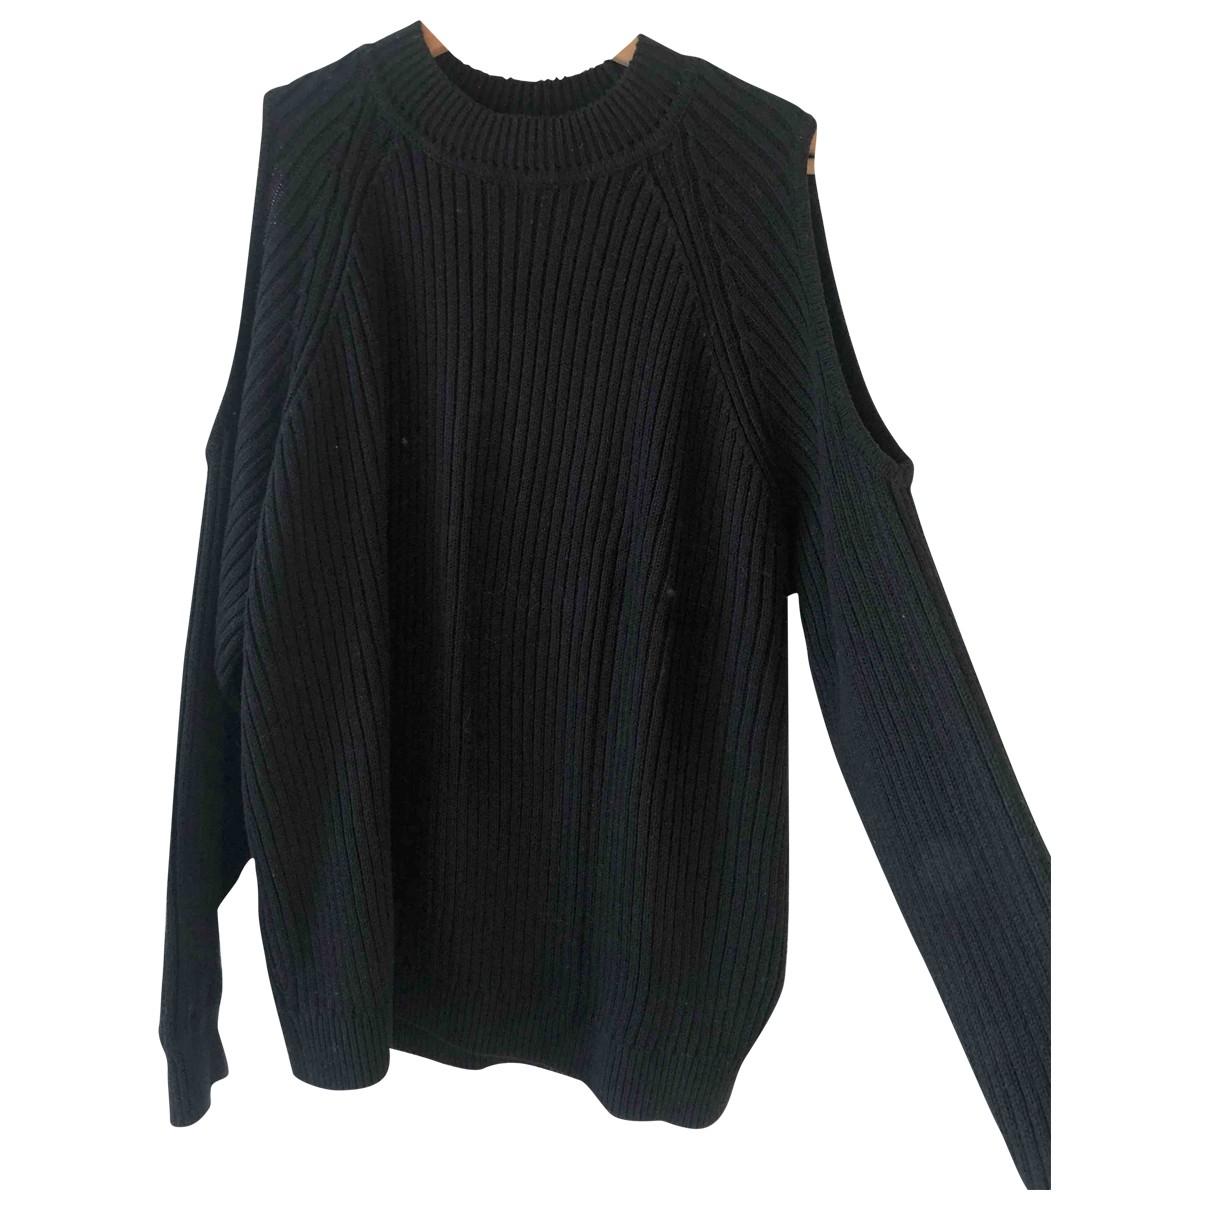 H&m Studio - Pull   pour femme en coton - noir